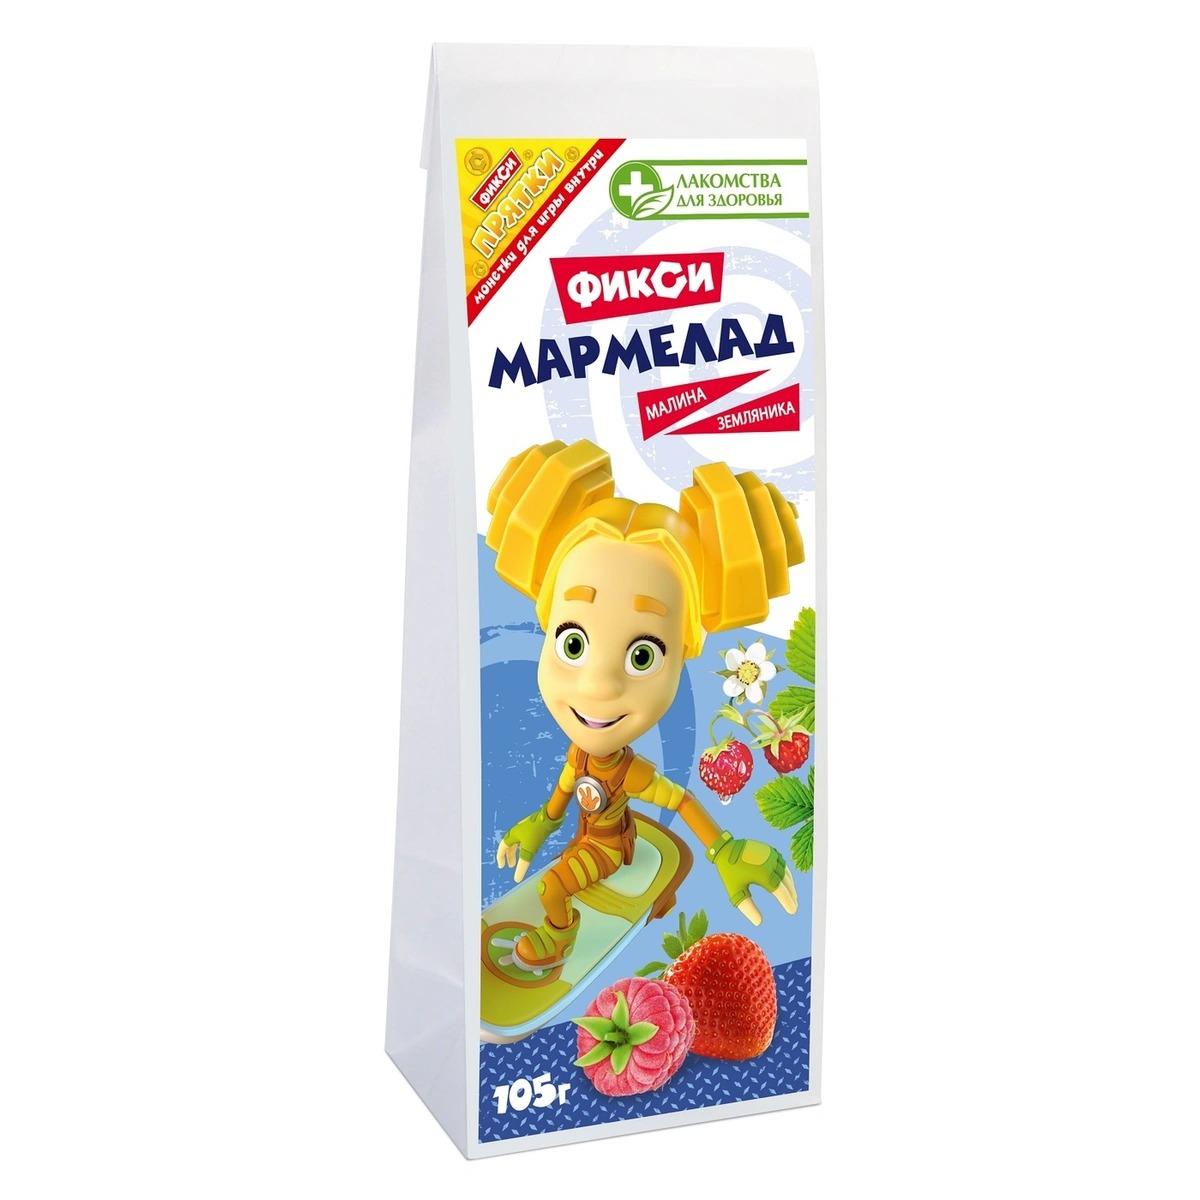 Мармелад желейный Лакомства для здоровья земляника с малиной 105 г